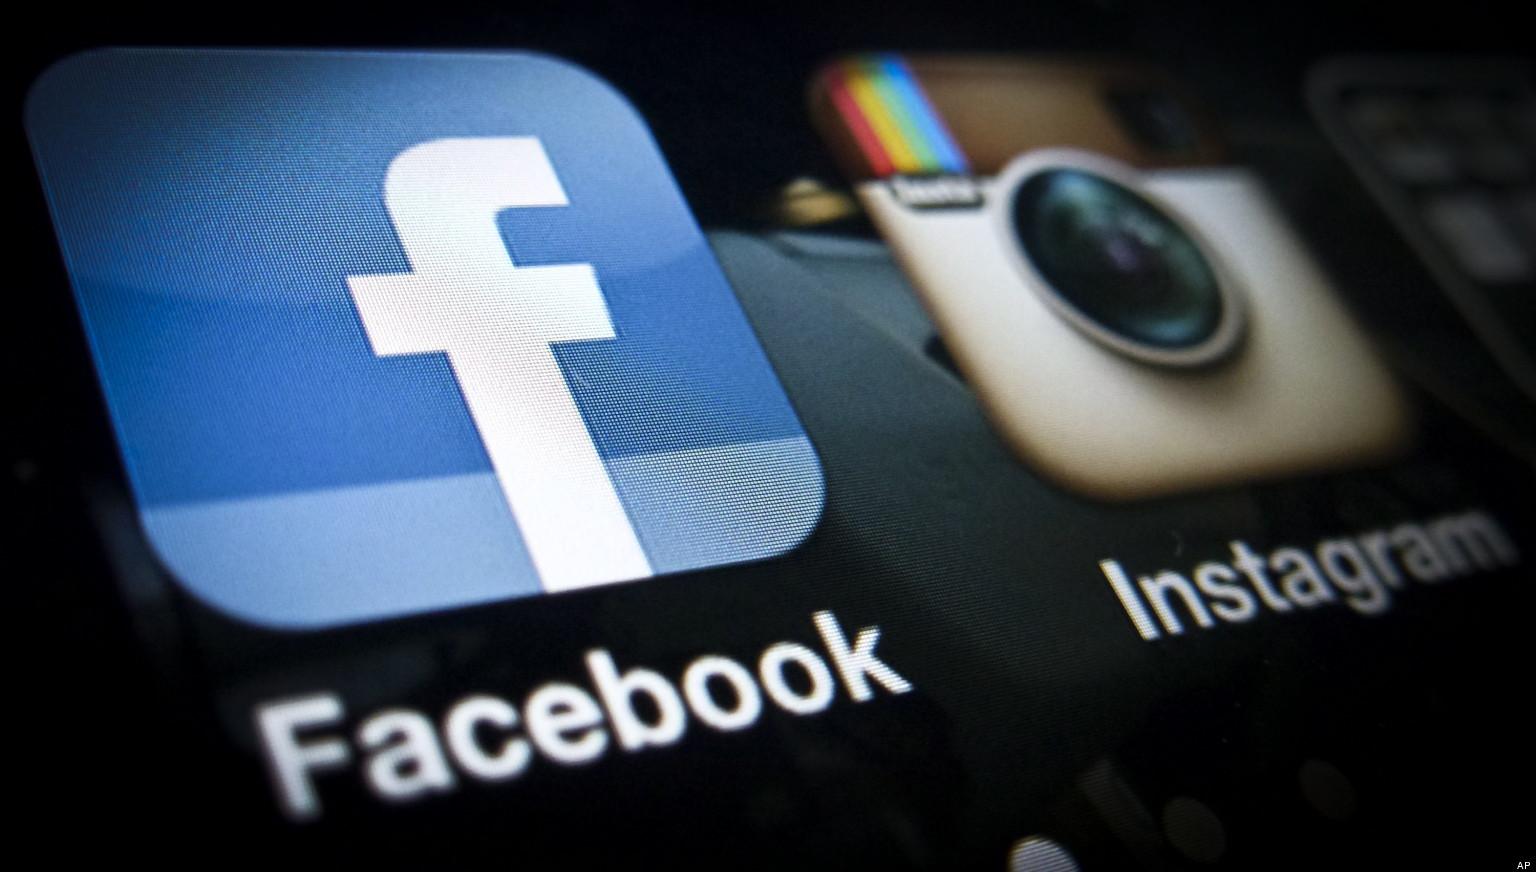 В социальная сеть Facebook появятся исчезающие публикации